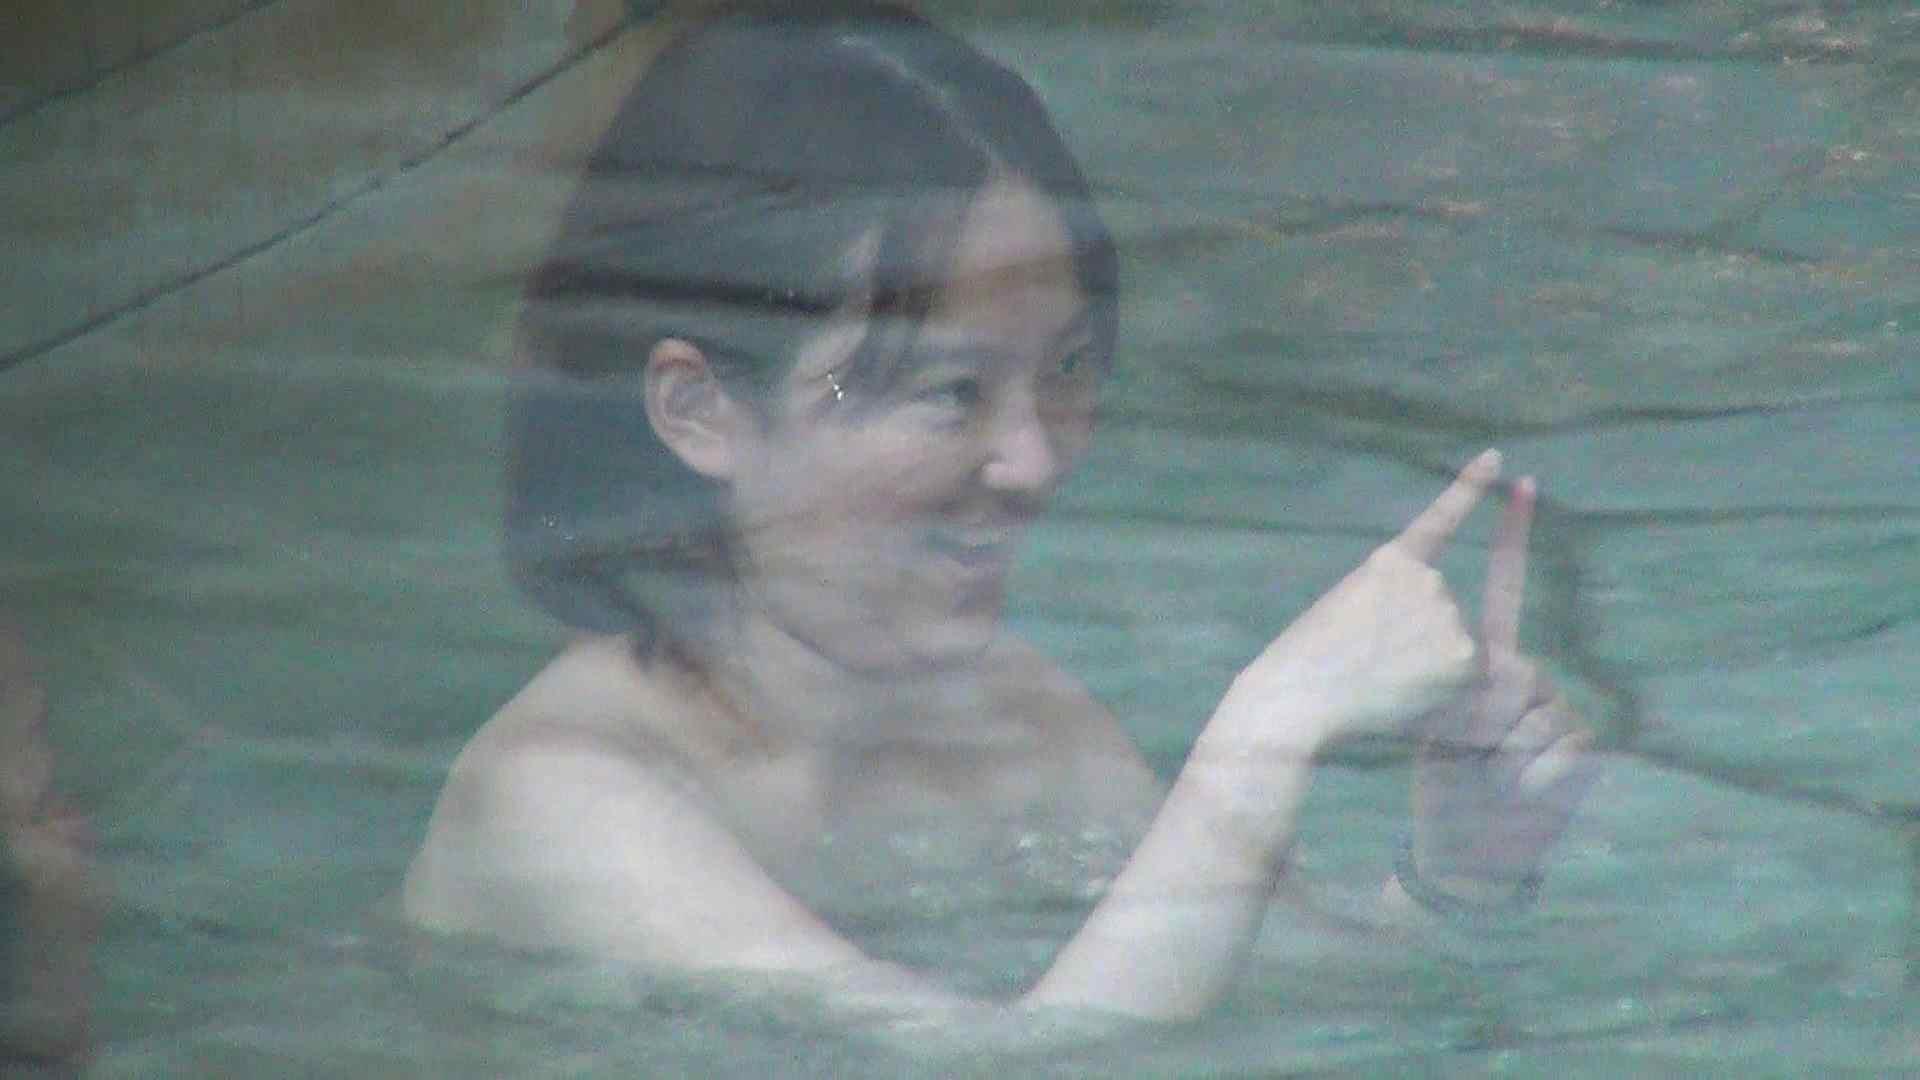 Aquaな露天風呂Vol.297 女体盗撮  91連発 78